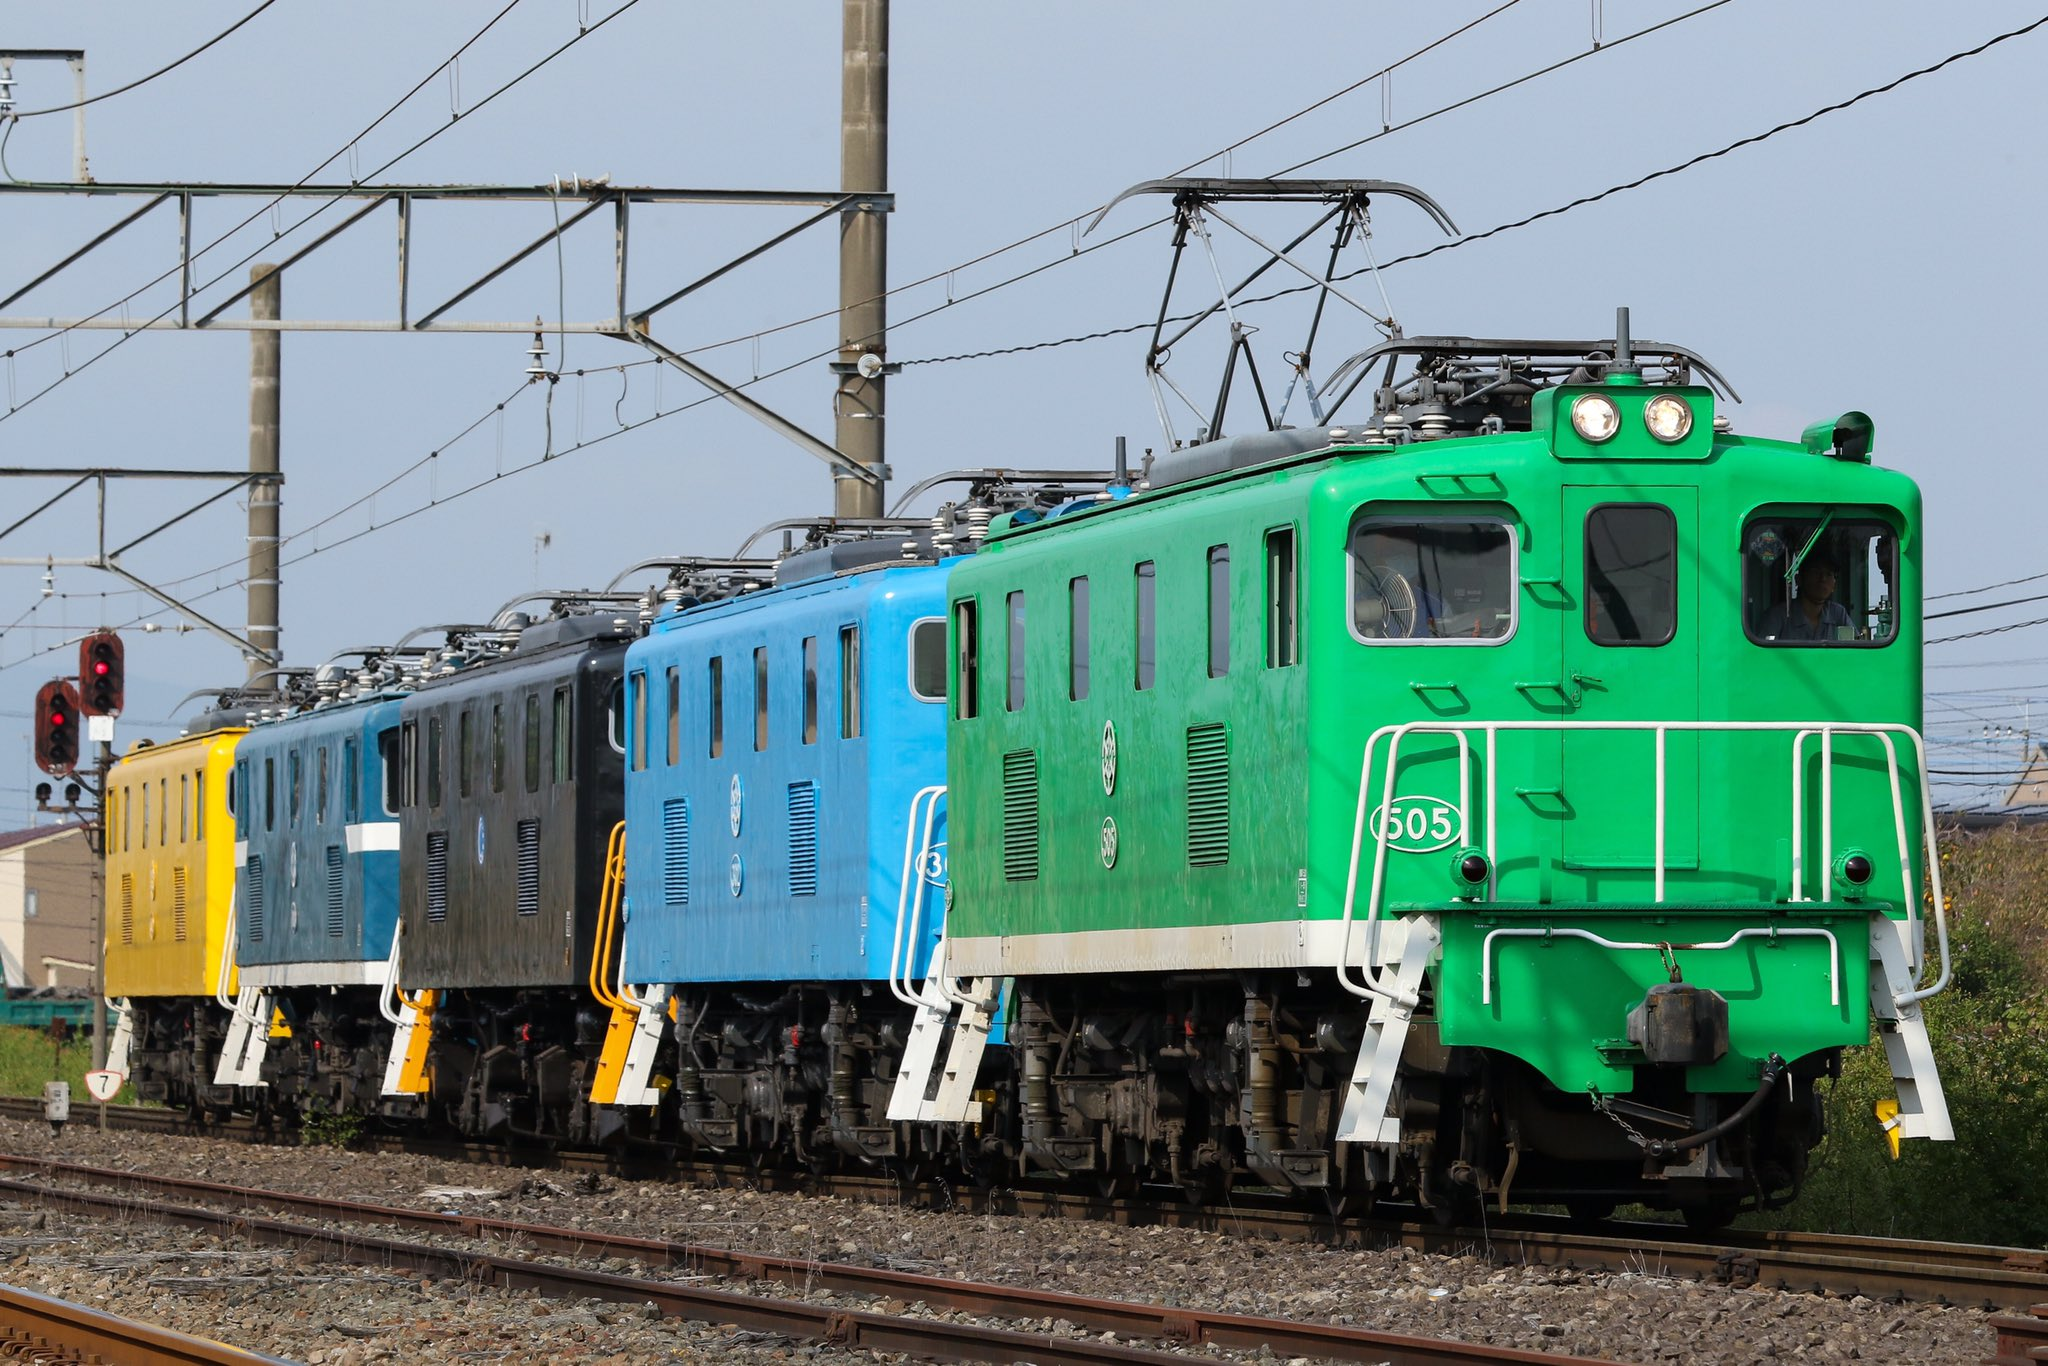 【カラフル5色】秩父鉄道デキ5重単 熊谷貨物ターミナルに回送